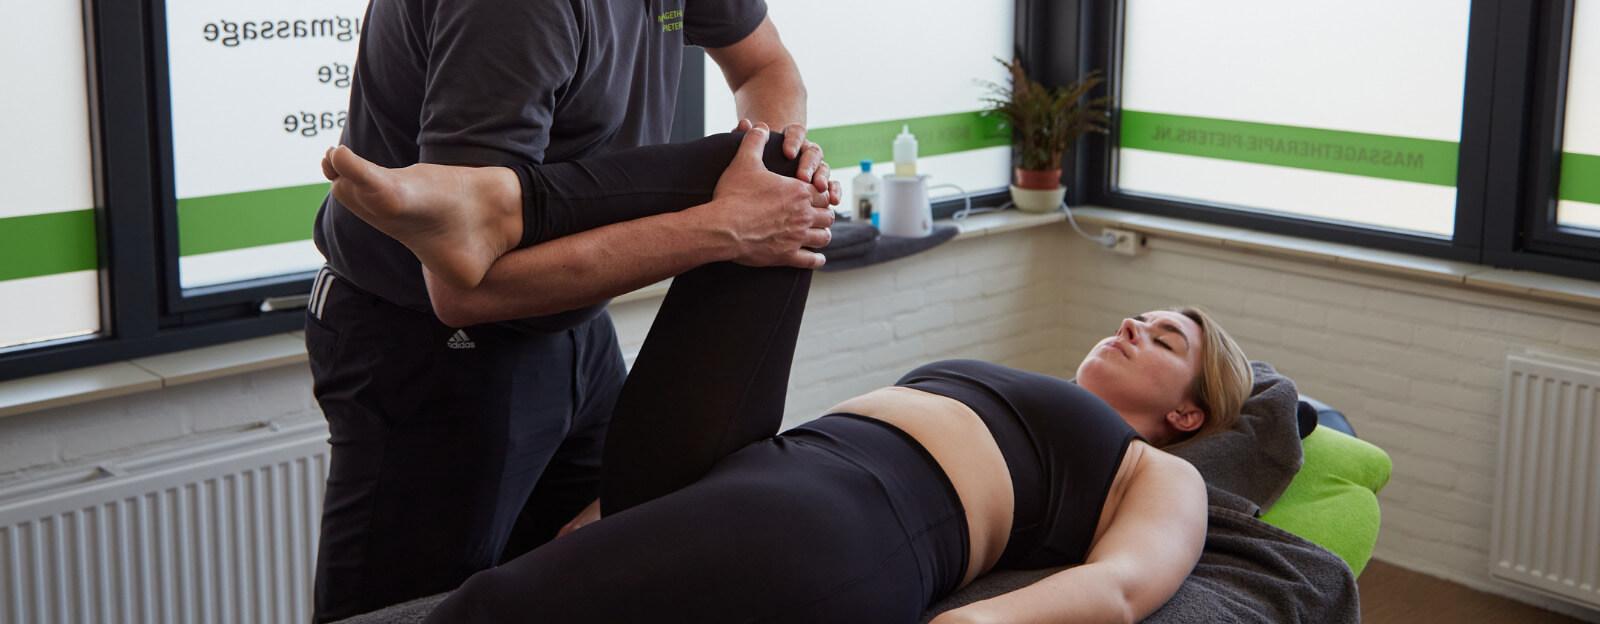 Klachtenvrij sporten - optimaal herstel bij (onbegrepen) blessures.